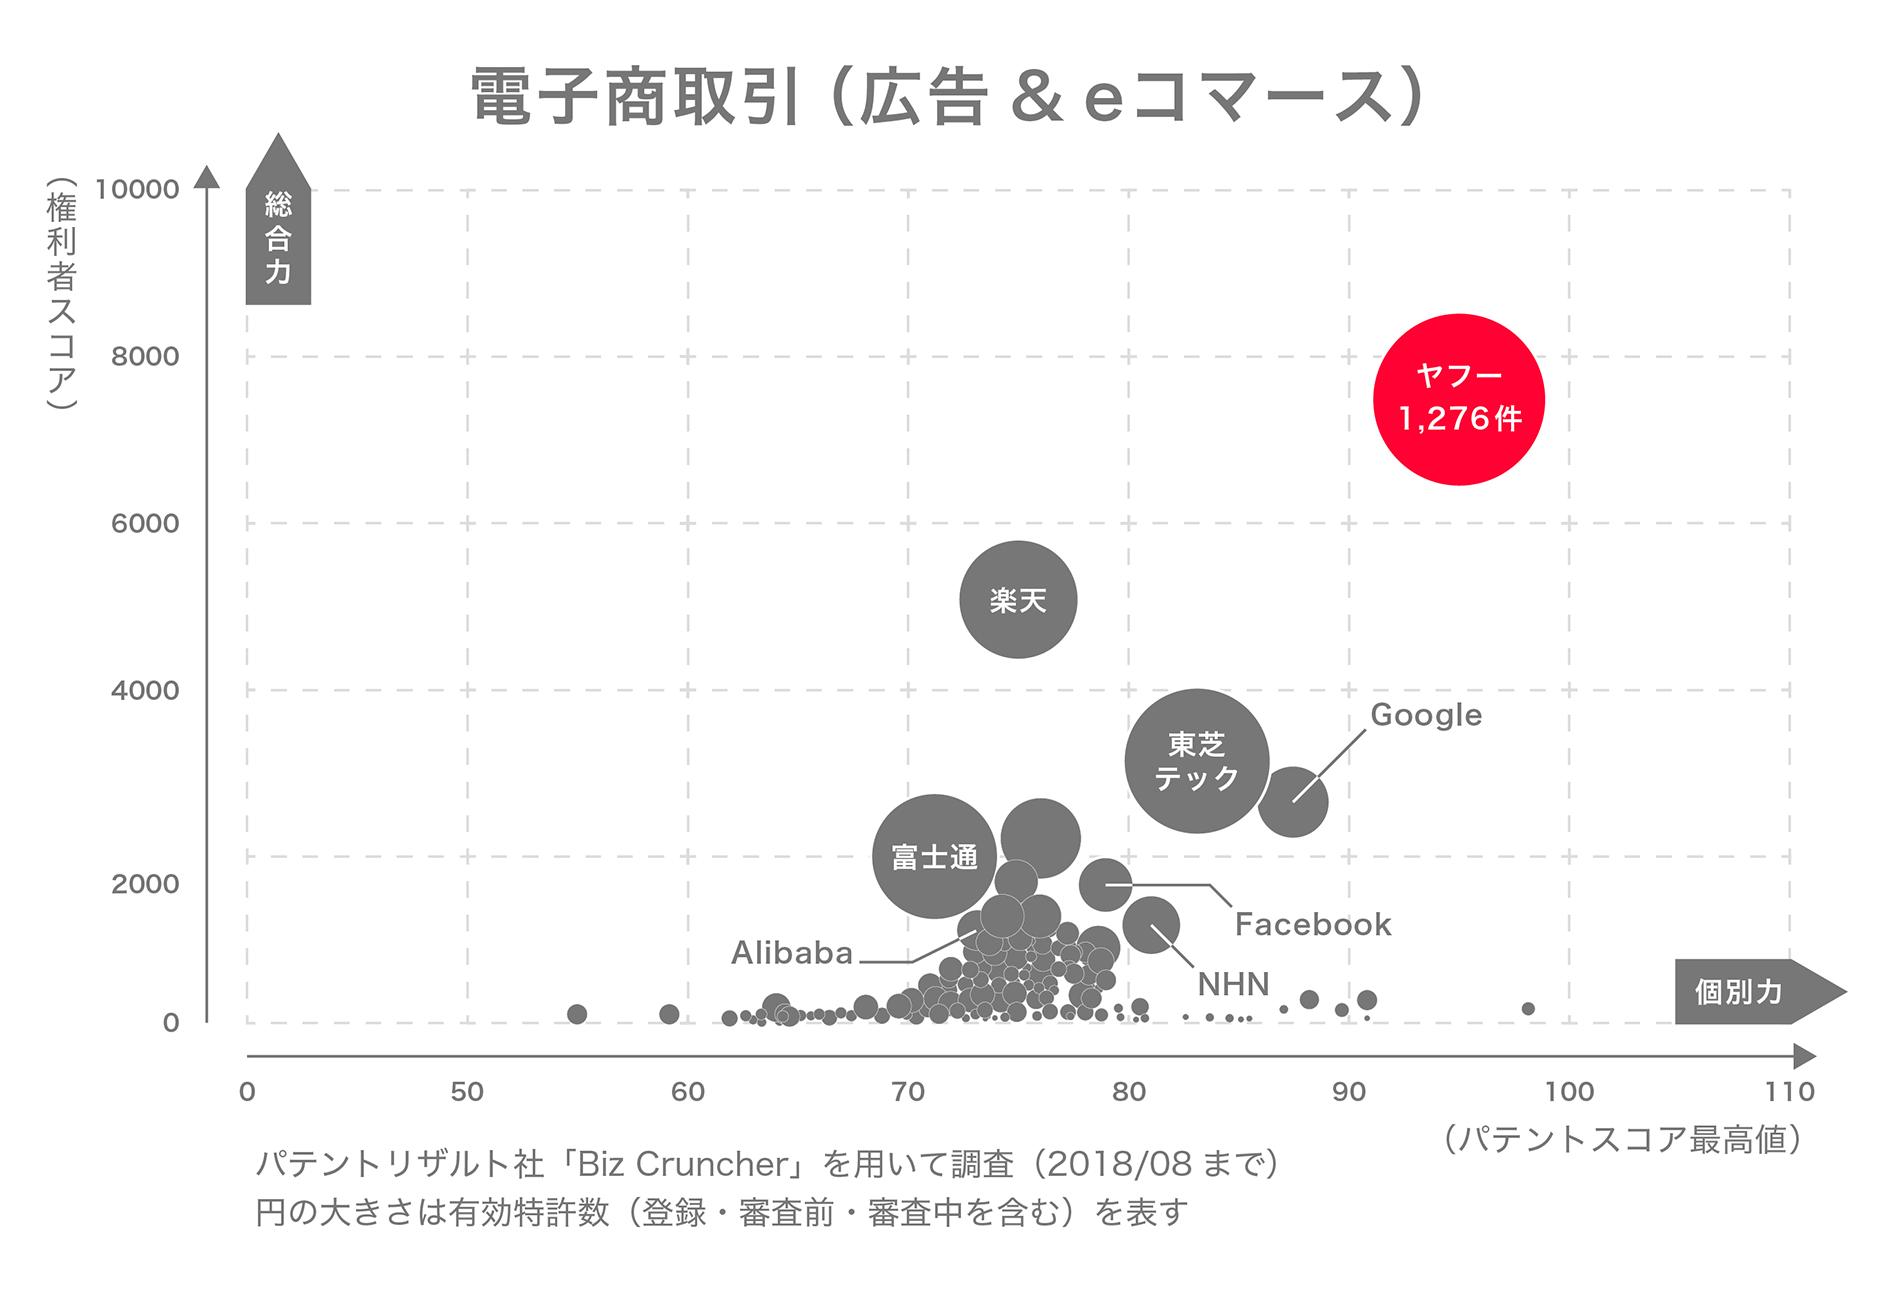 電子商取引分野におけるヤフーの国内特許ポートフォリオ図